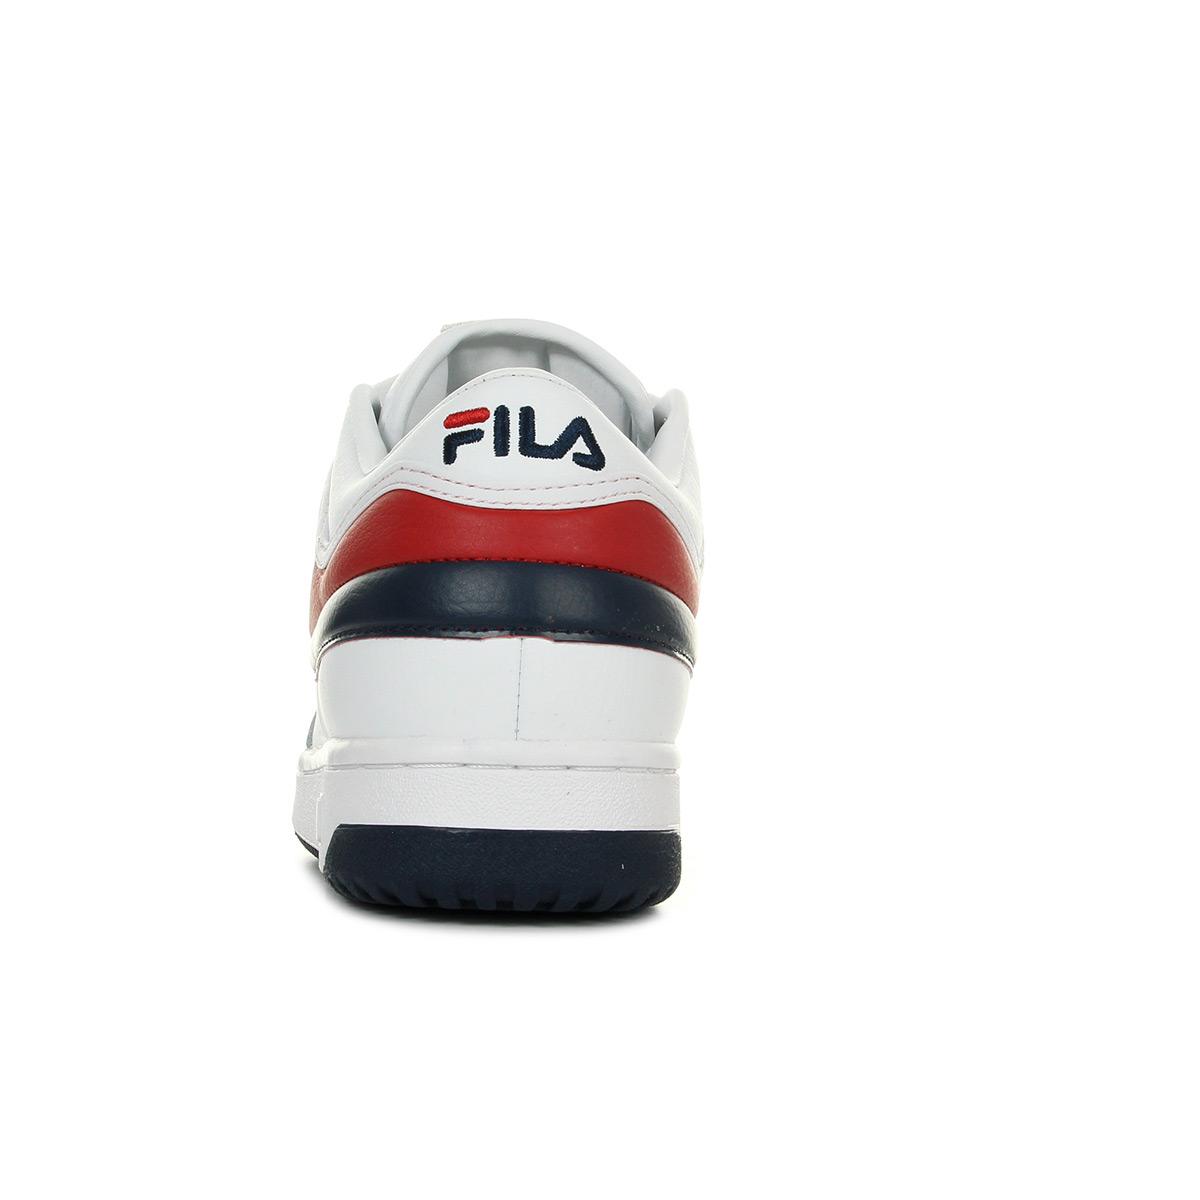 Vente Fila Baskets T1 Libre Mid Mode 1vt13037150 Expédition Bonne qPgpTT